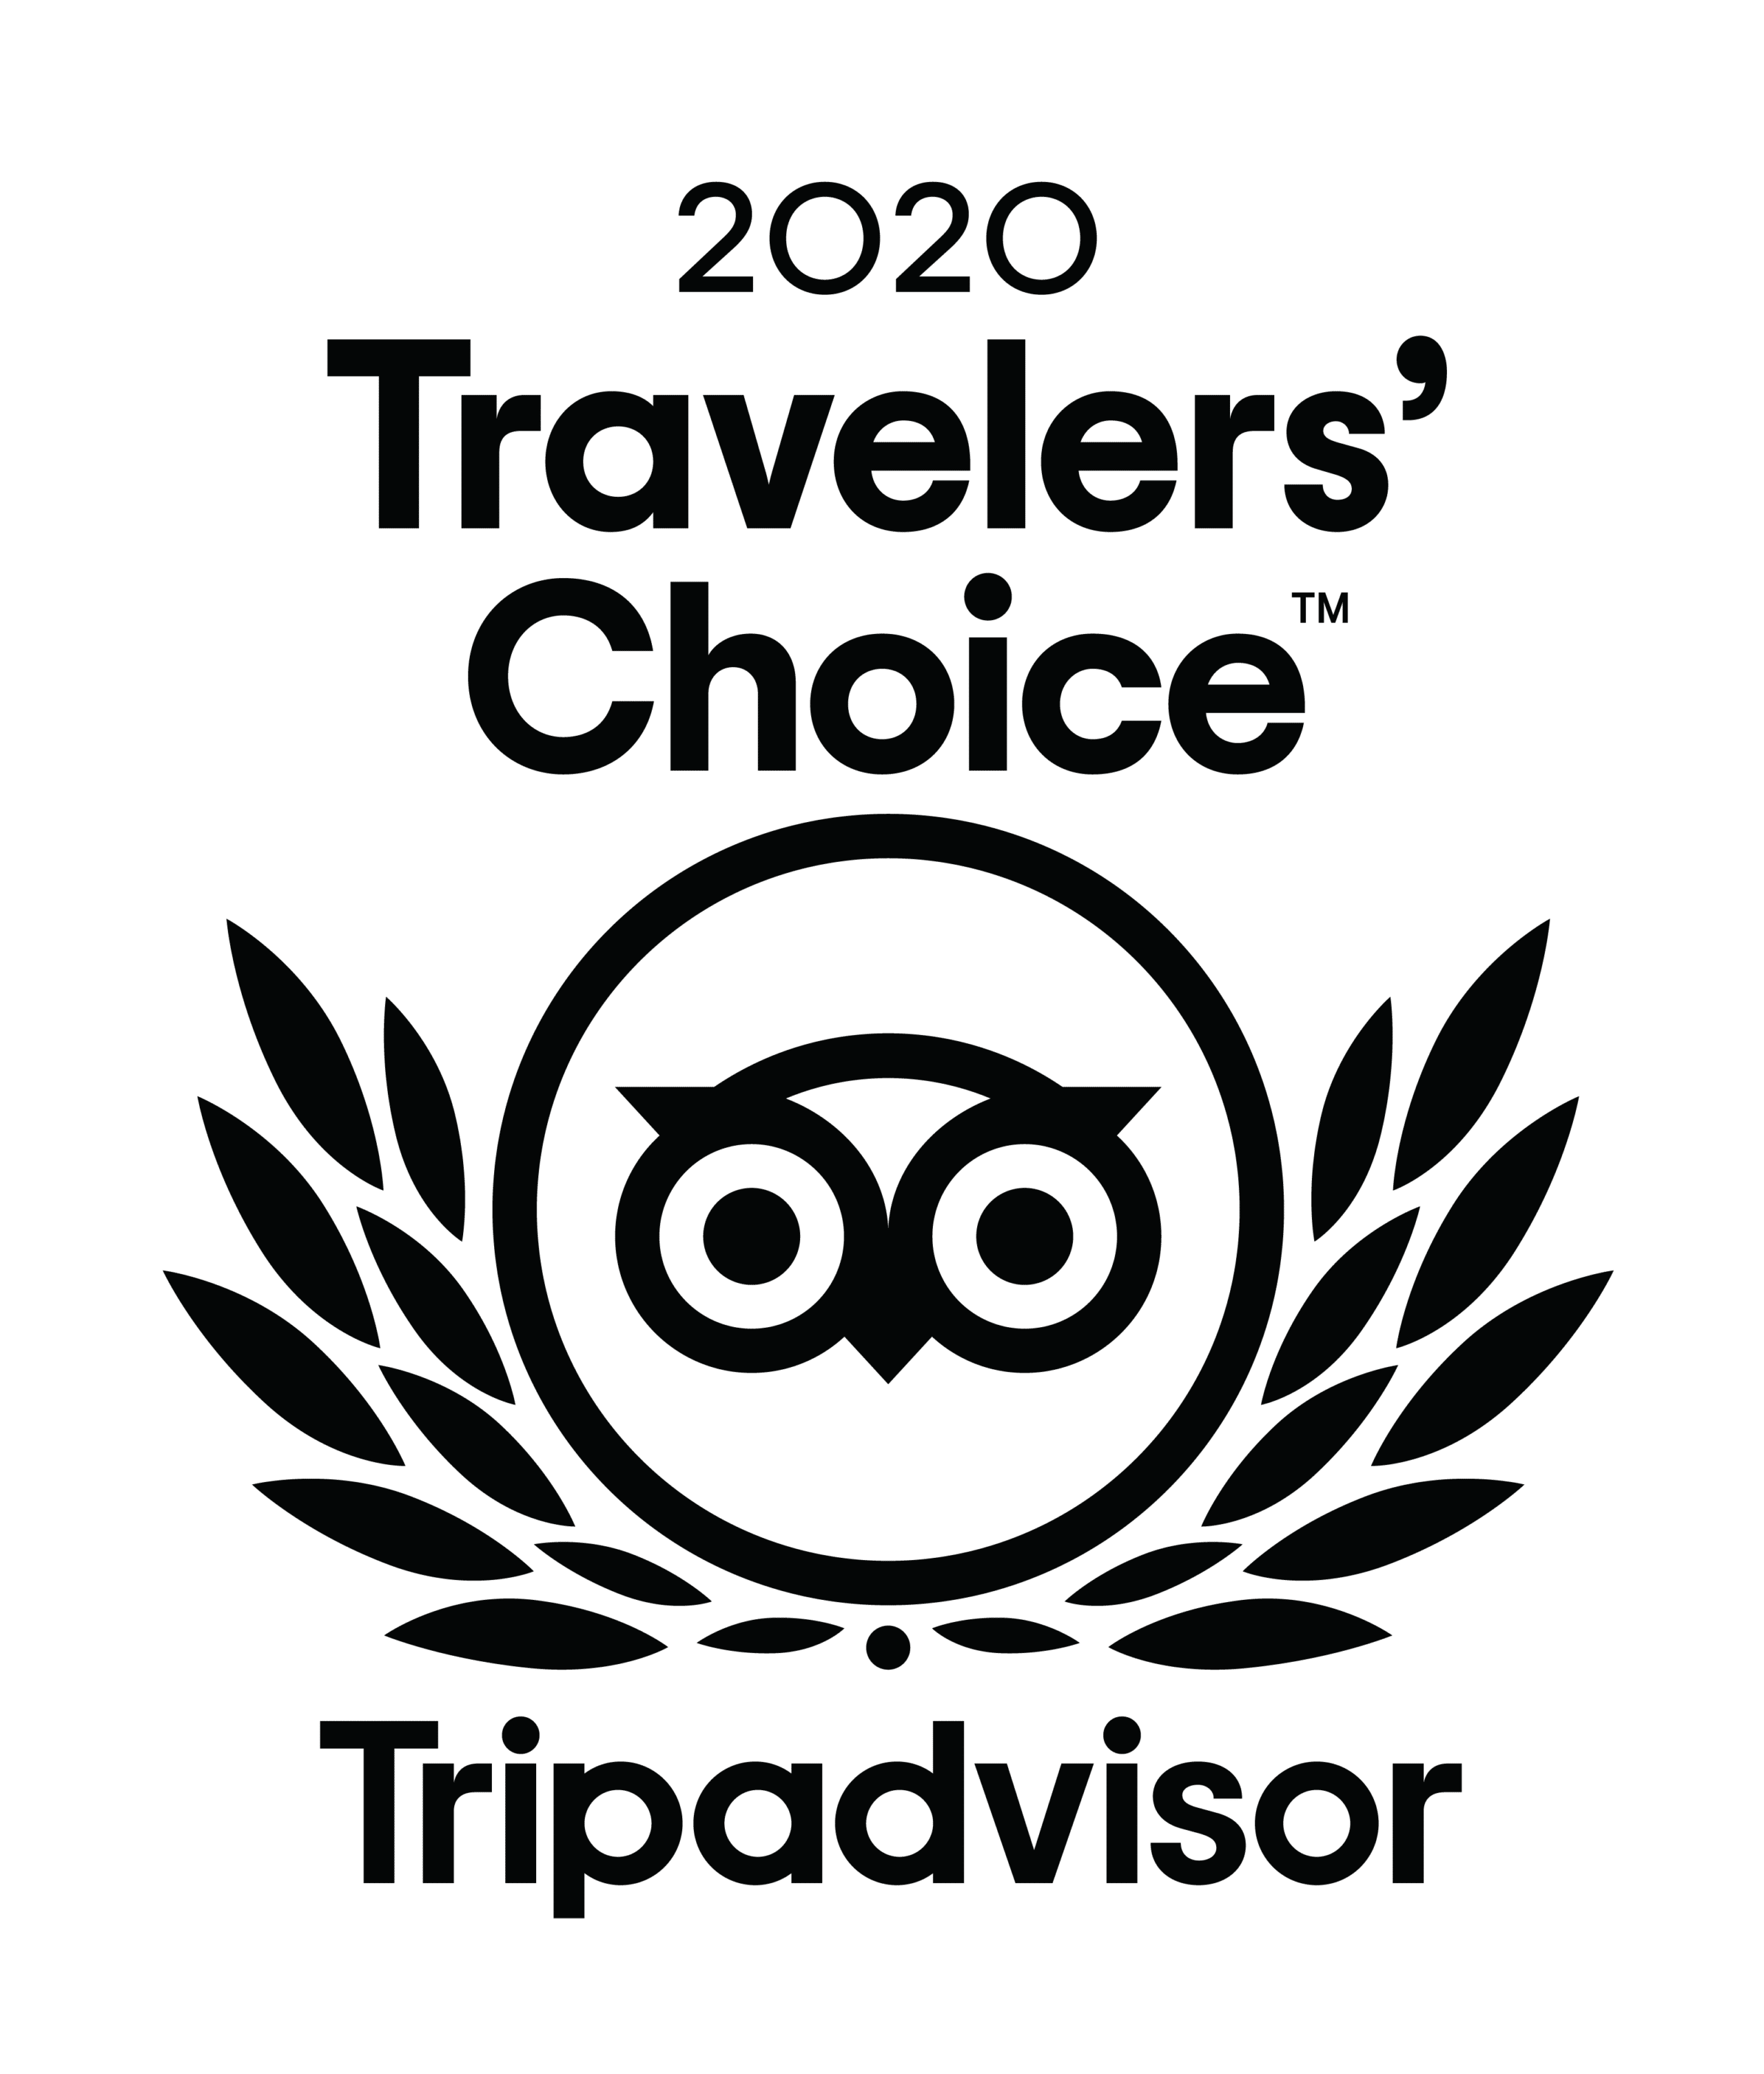 https://skyterrawellness.com/wp-content/uploads/2020/09/TA_TravelersChoice2020_Black.png